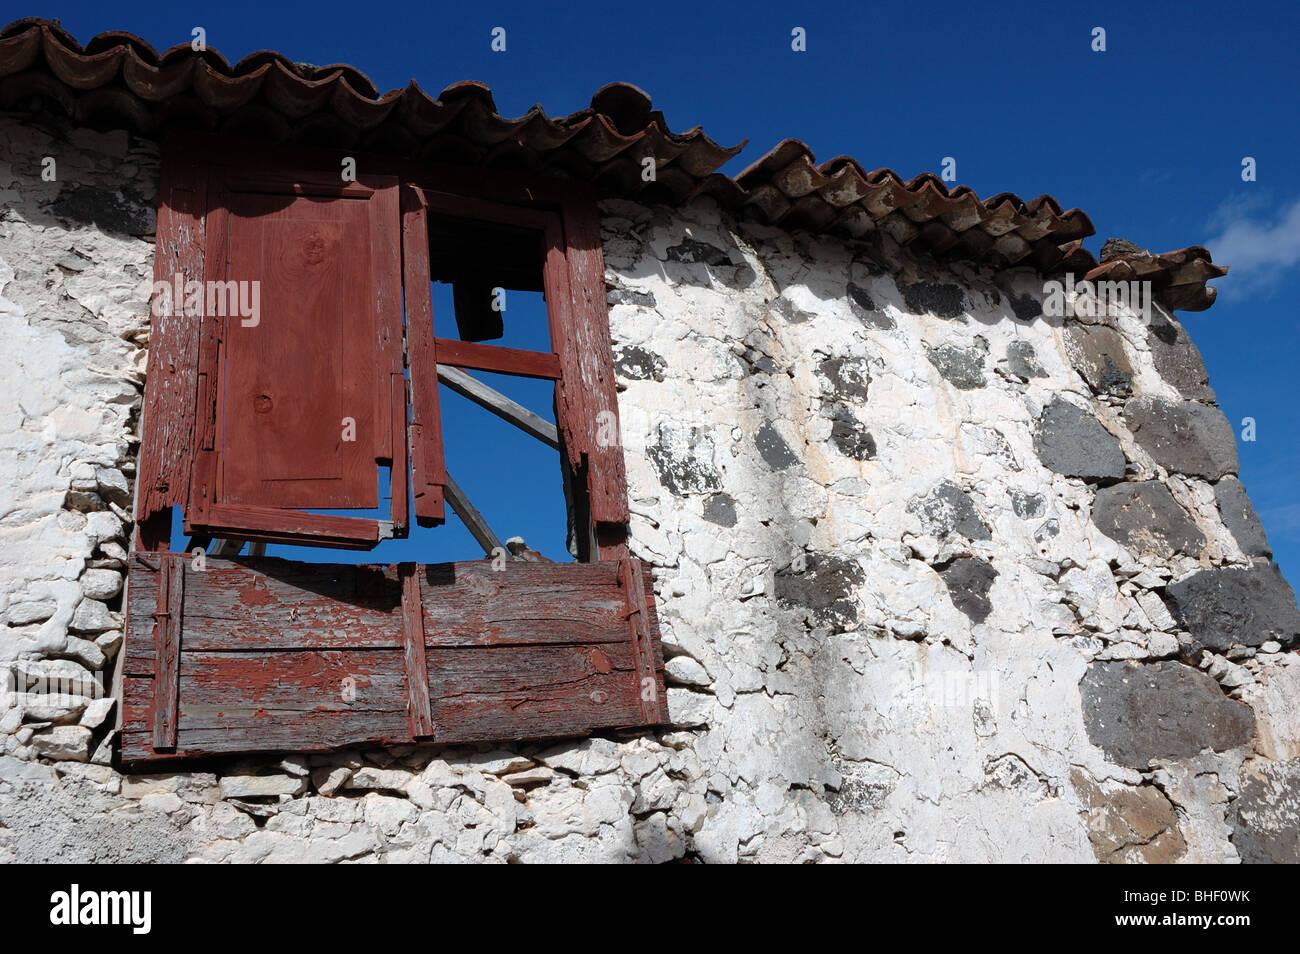 Casa decadente en Taganana, Tenerife, Islas Canarias, España Foto de stock